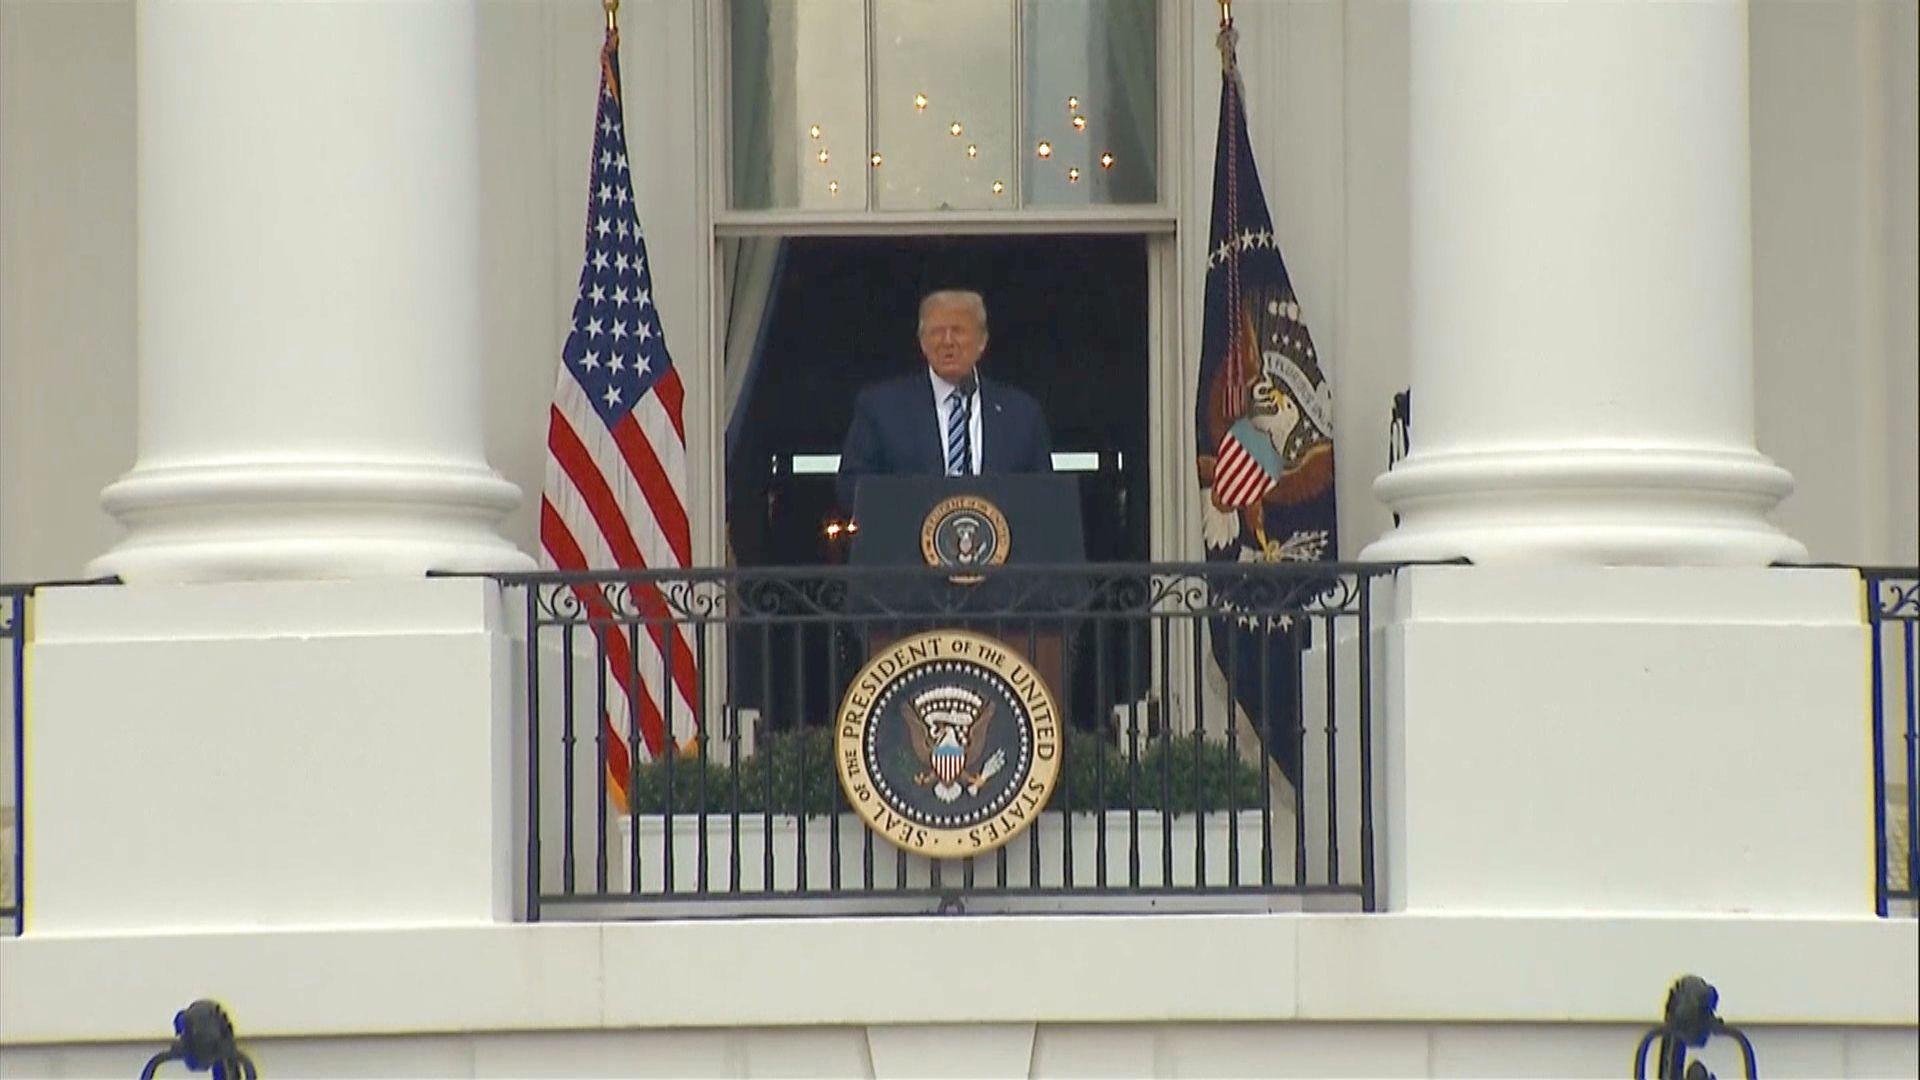 特朗普出院後首度出席公開活動 周一起連訪三州拉票